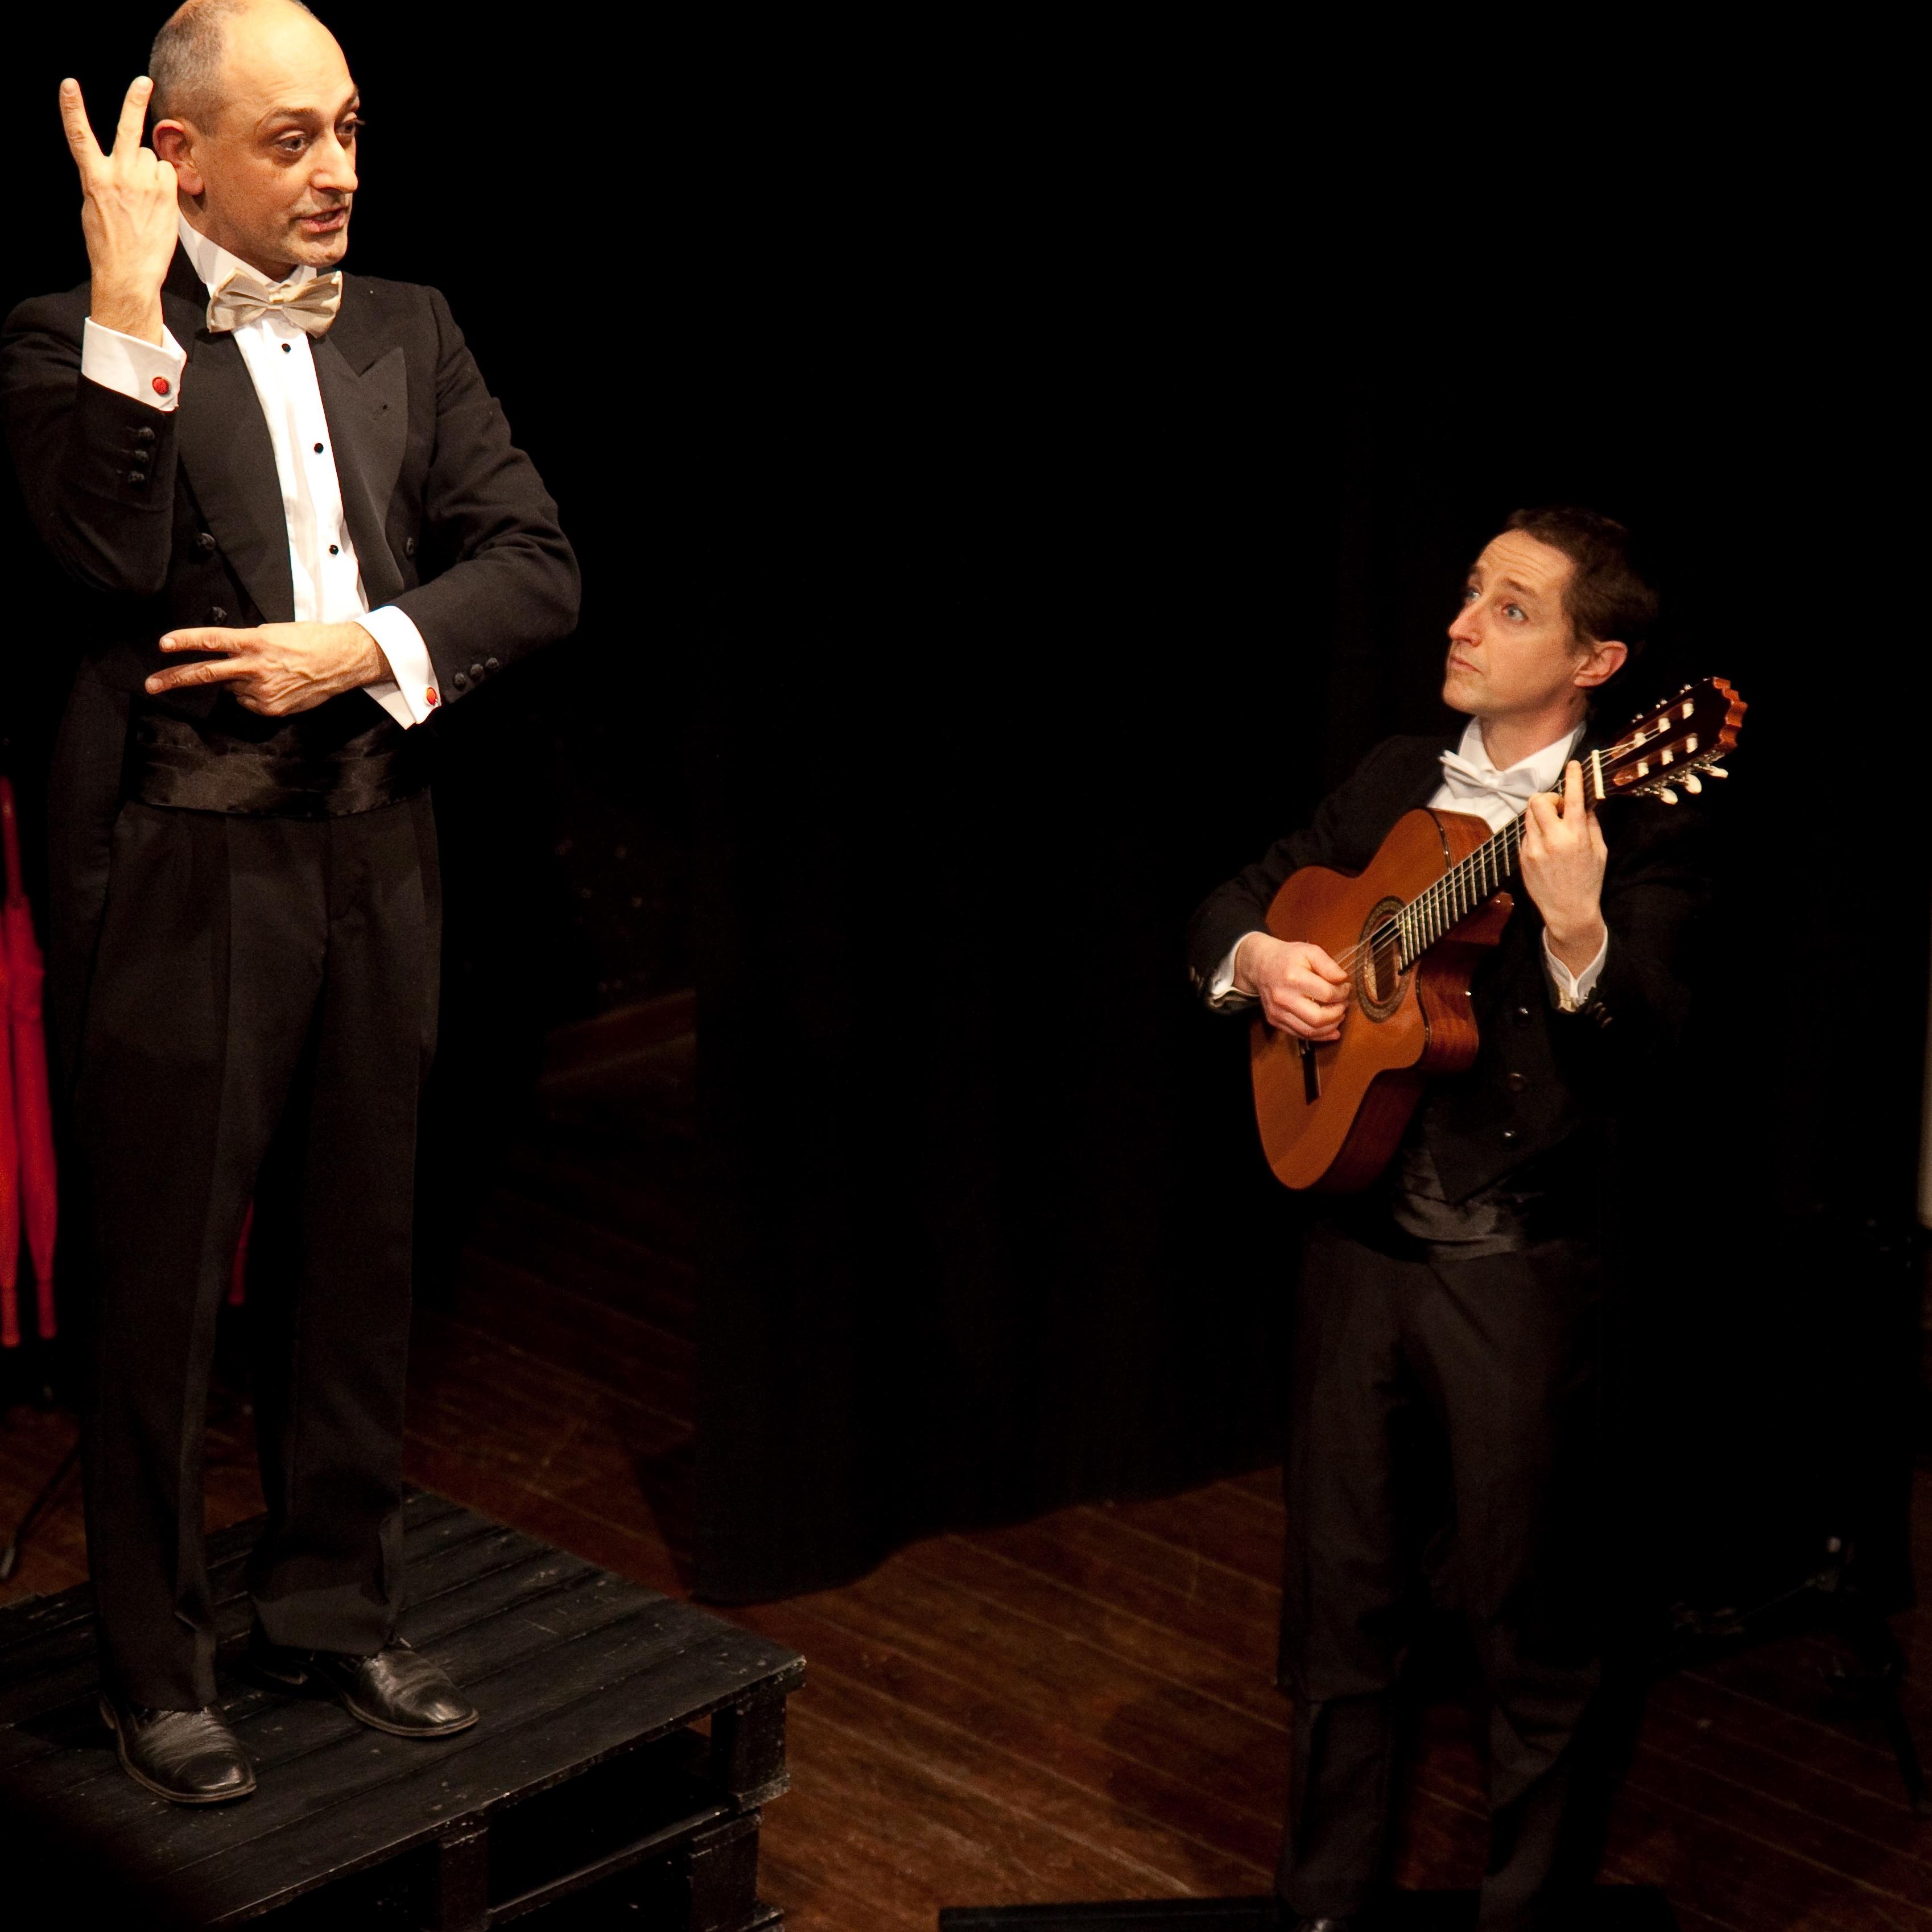 faber teatro allegro violino